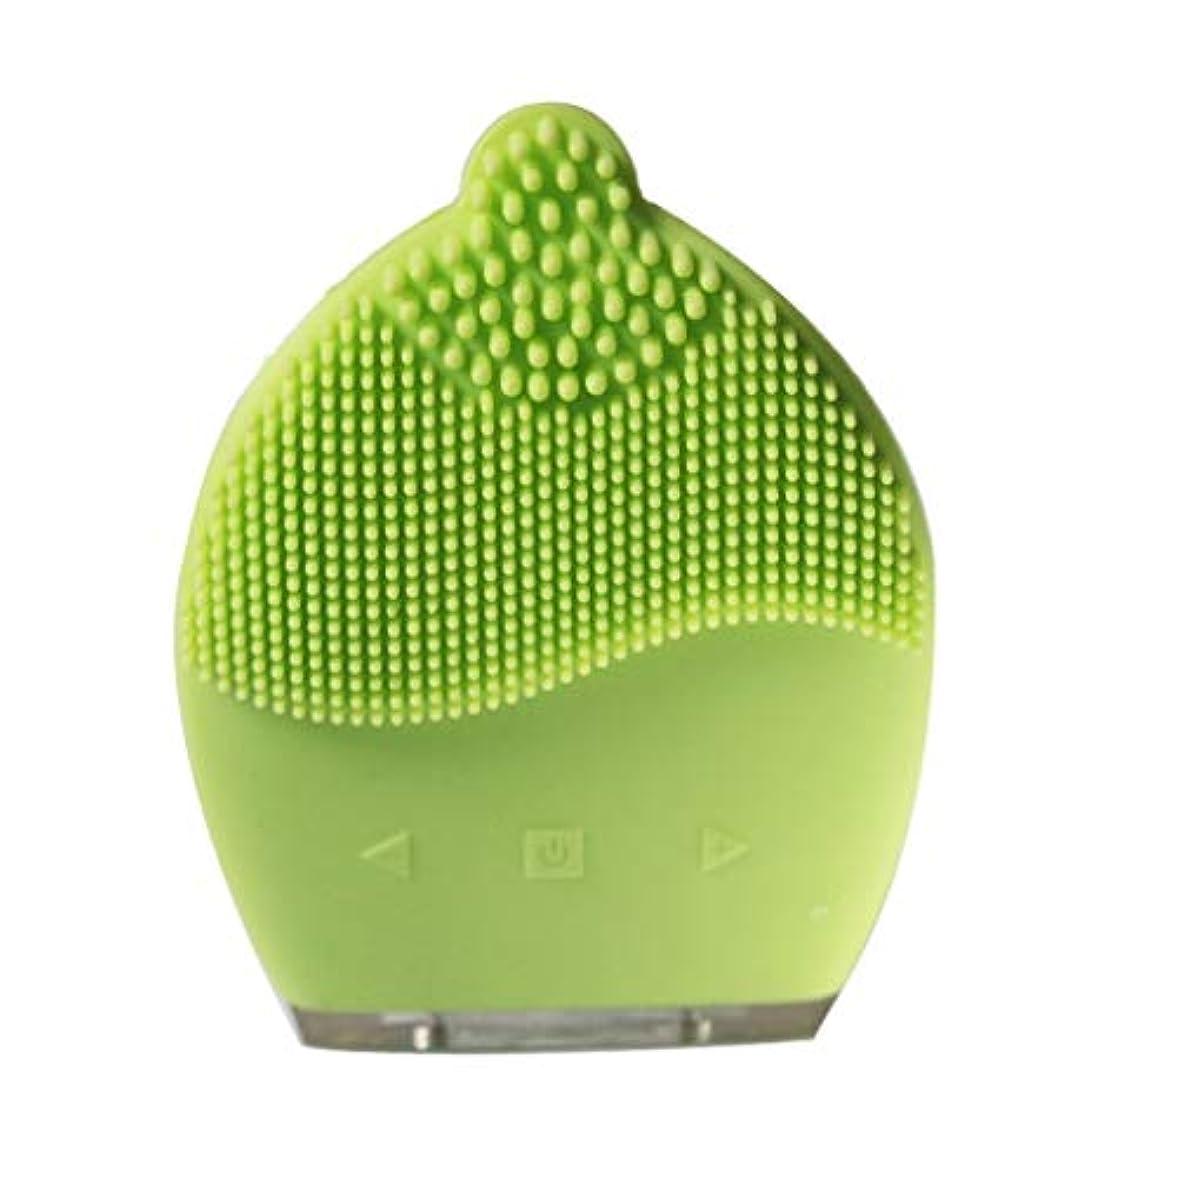 仮定うねるヶ月目電気シリコーンクレンジング器具、USBフェイシャルシリコーンポータブルフェイシャルマッサージャーディープエクスフォリエイティングジェントル&ディープクレンジングフェイシャル (Color : Green)